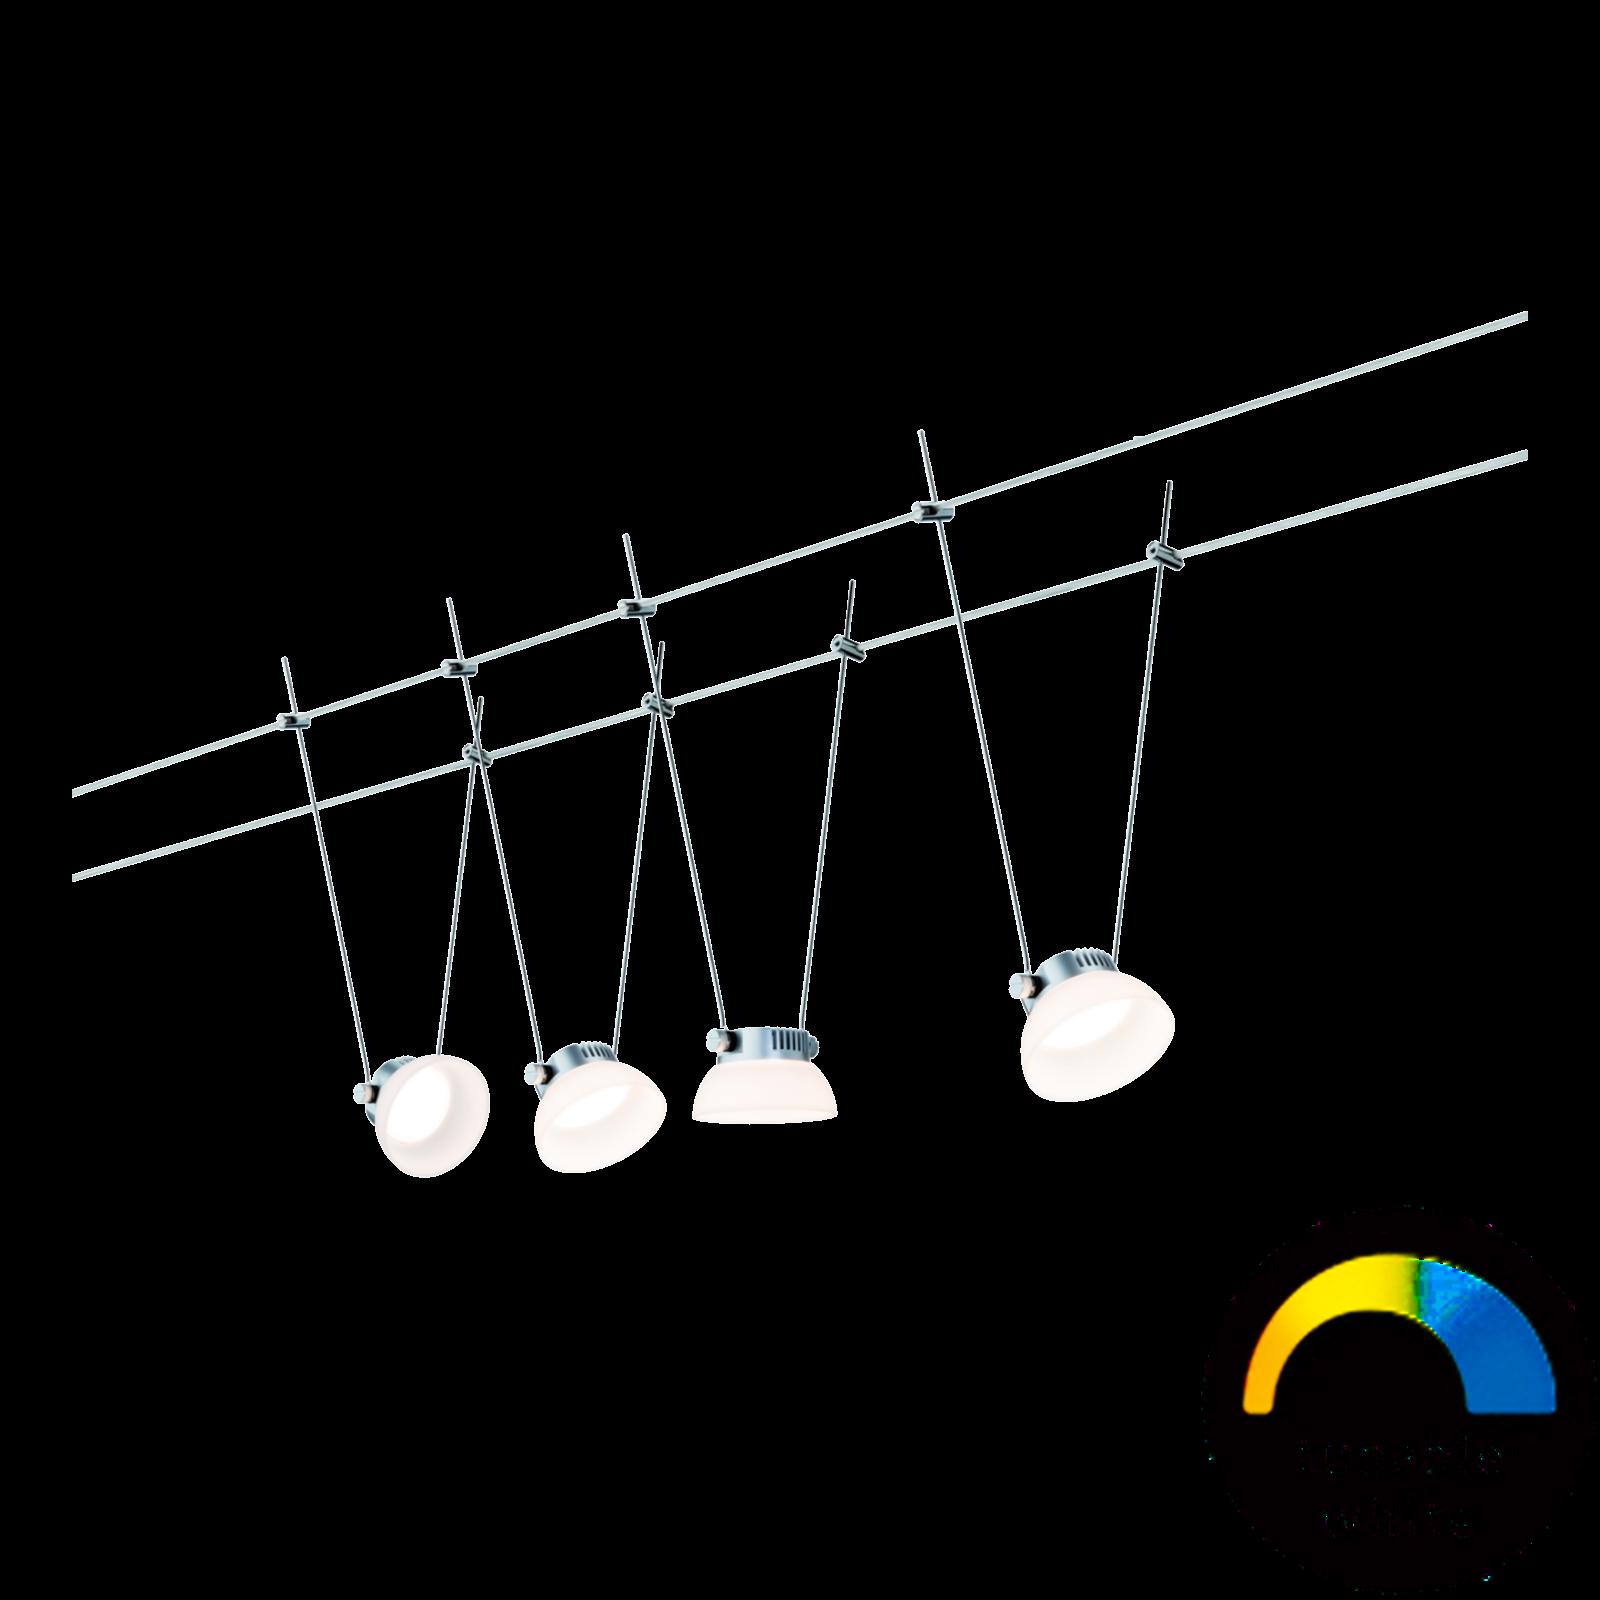 Paulmann IceLED 4 x 4 W - Weißlicht-Steuerung